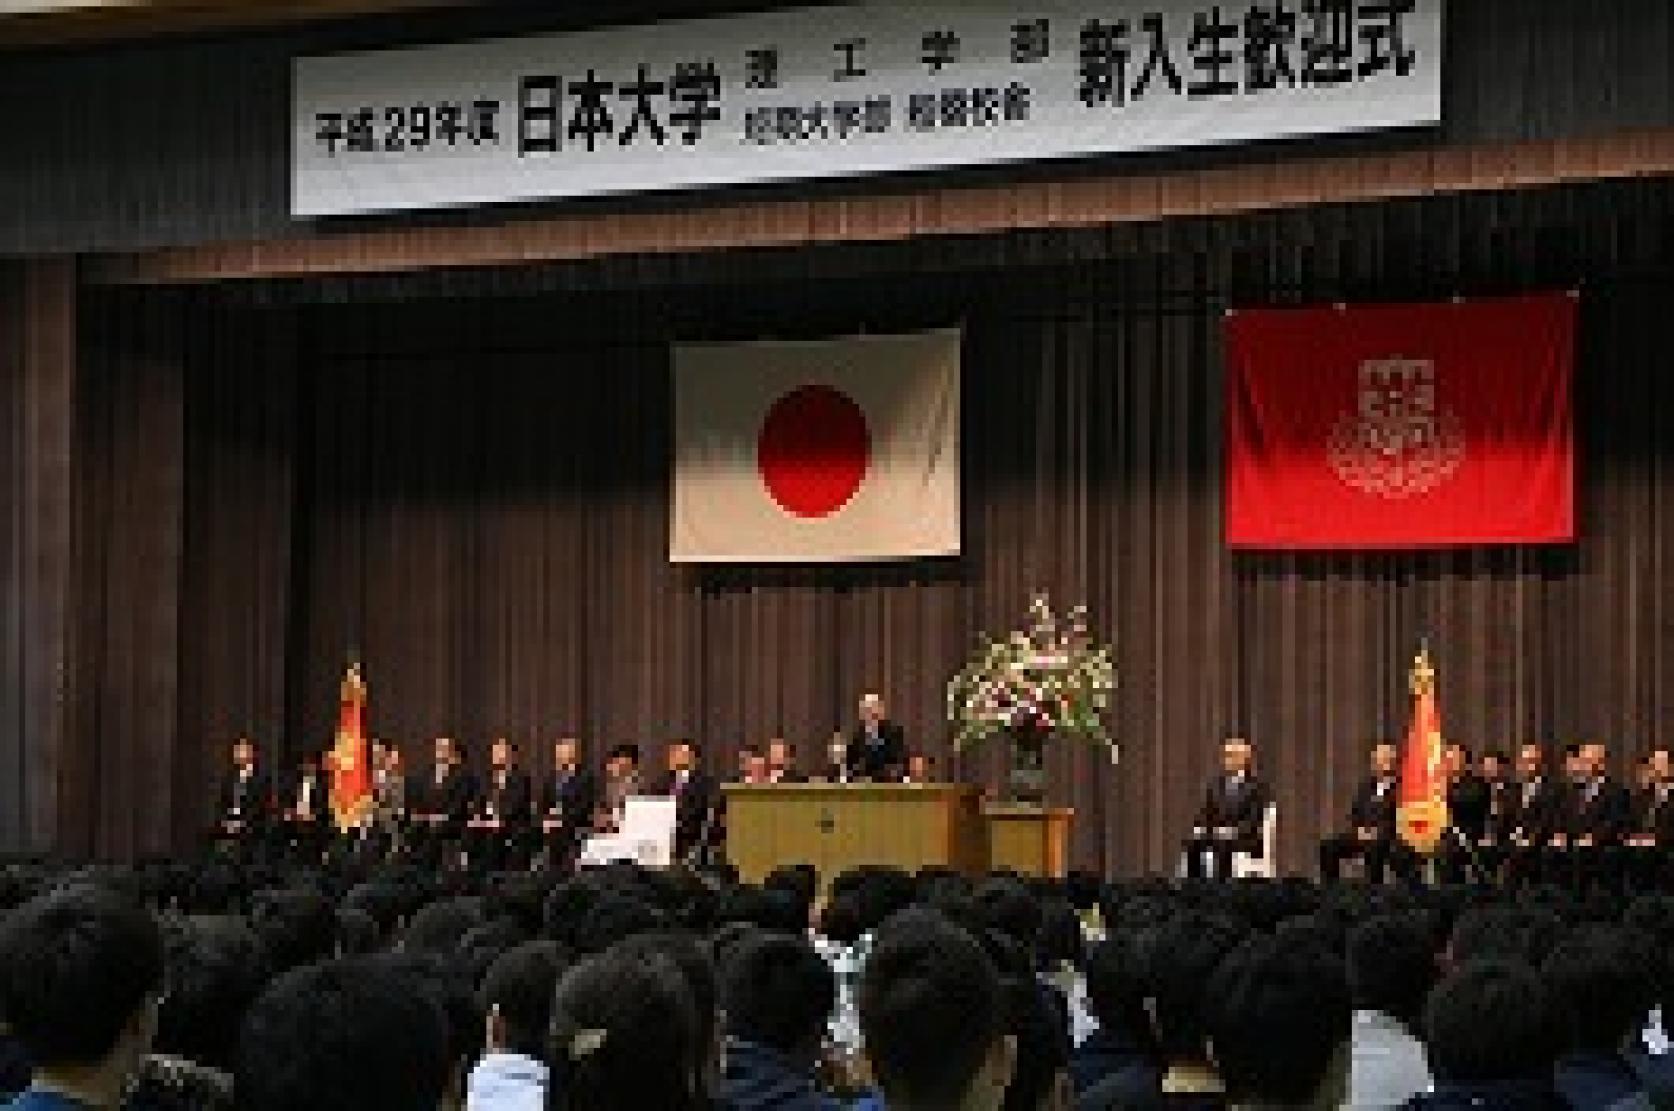 2017年4月7日に平成29年度日本大学理工学部・短期大学部(船橋校舎)新入生歓迎式、日本大学理工学研究科新入生歓迎式が執り行われ、2,814名が新しい第一歩を踏み出しました。